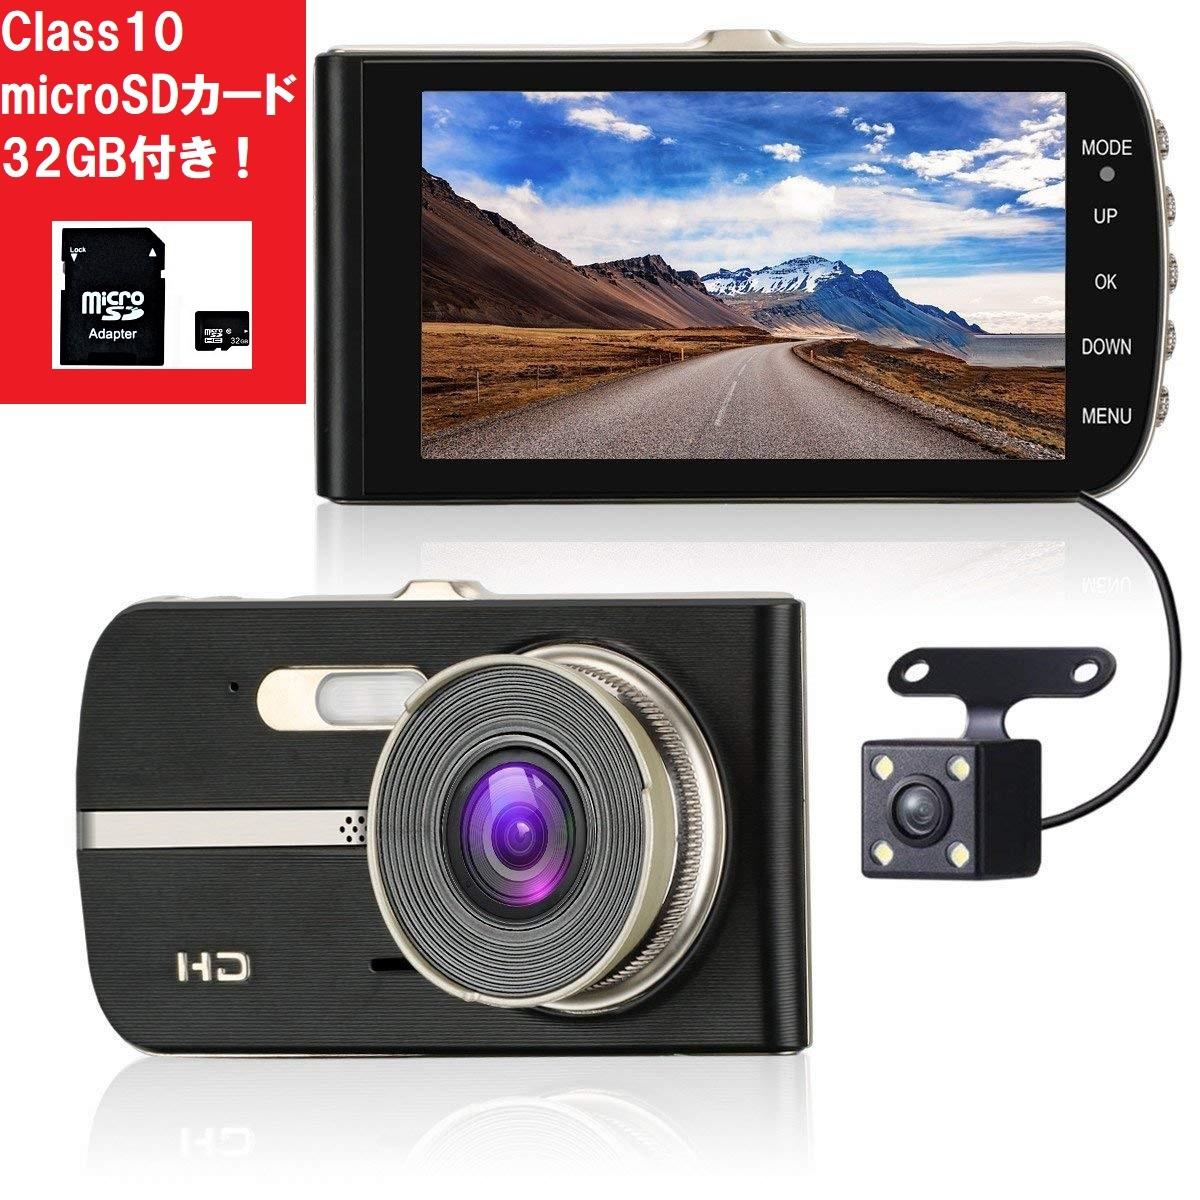 送料無料 32GB SDカード付 ドライブレコーダー G653 前後カメラ 4インチIPS液晶 SONY製6層レンズ高性能チップ LED赤外線 日本製説明書 新品